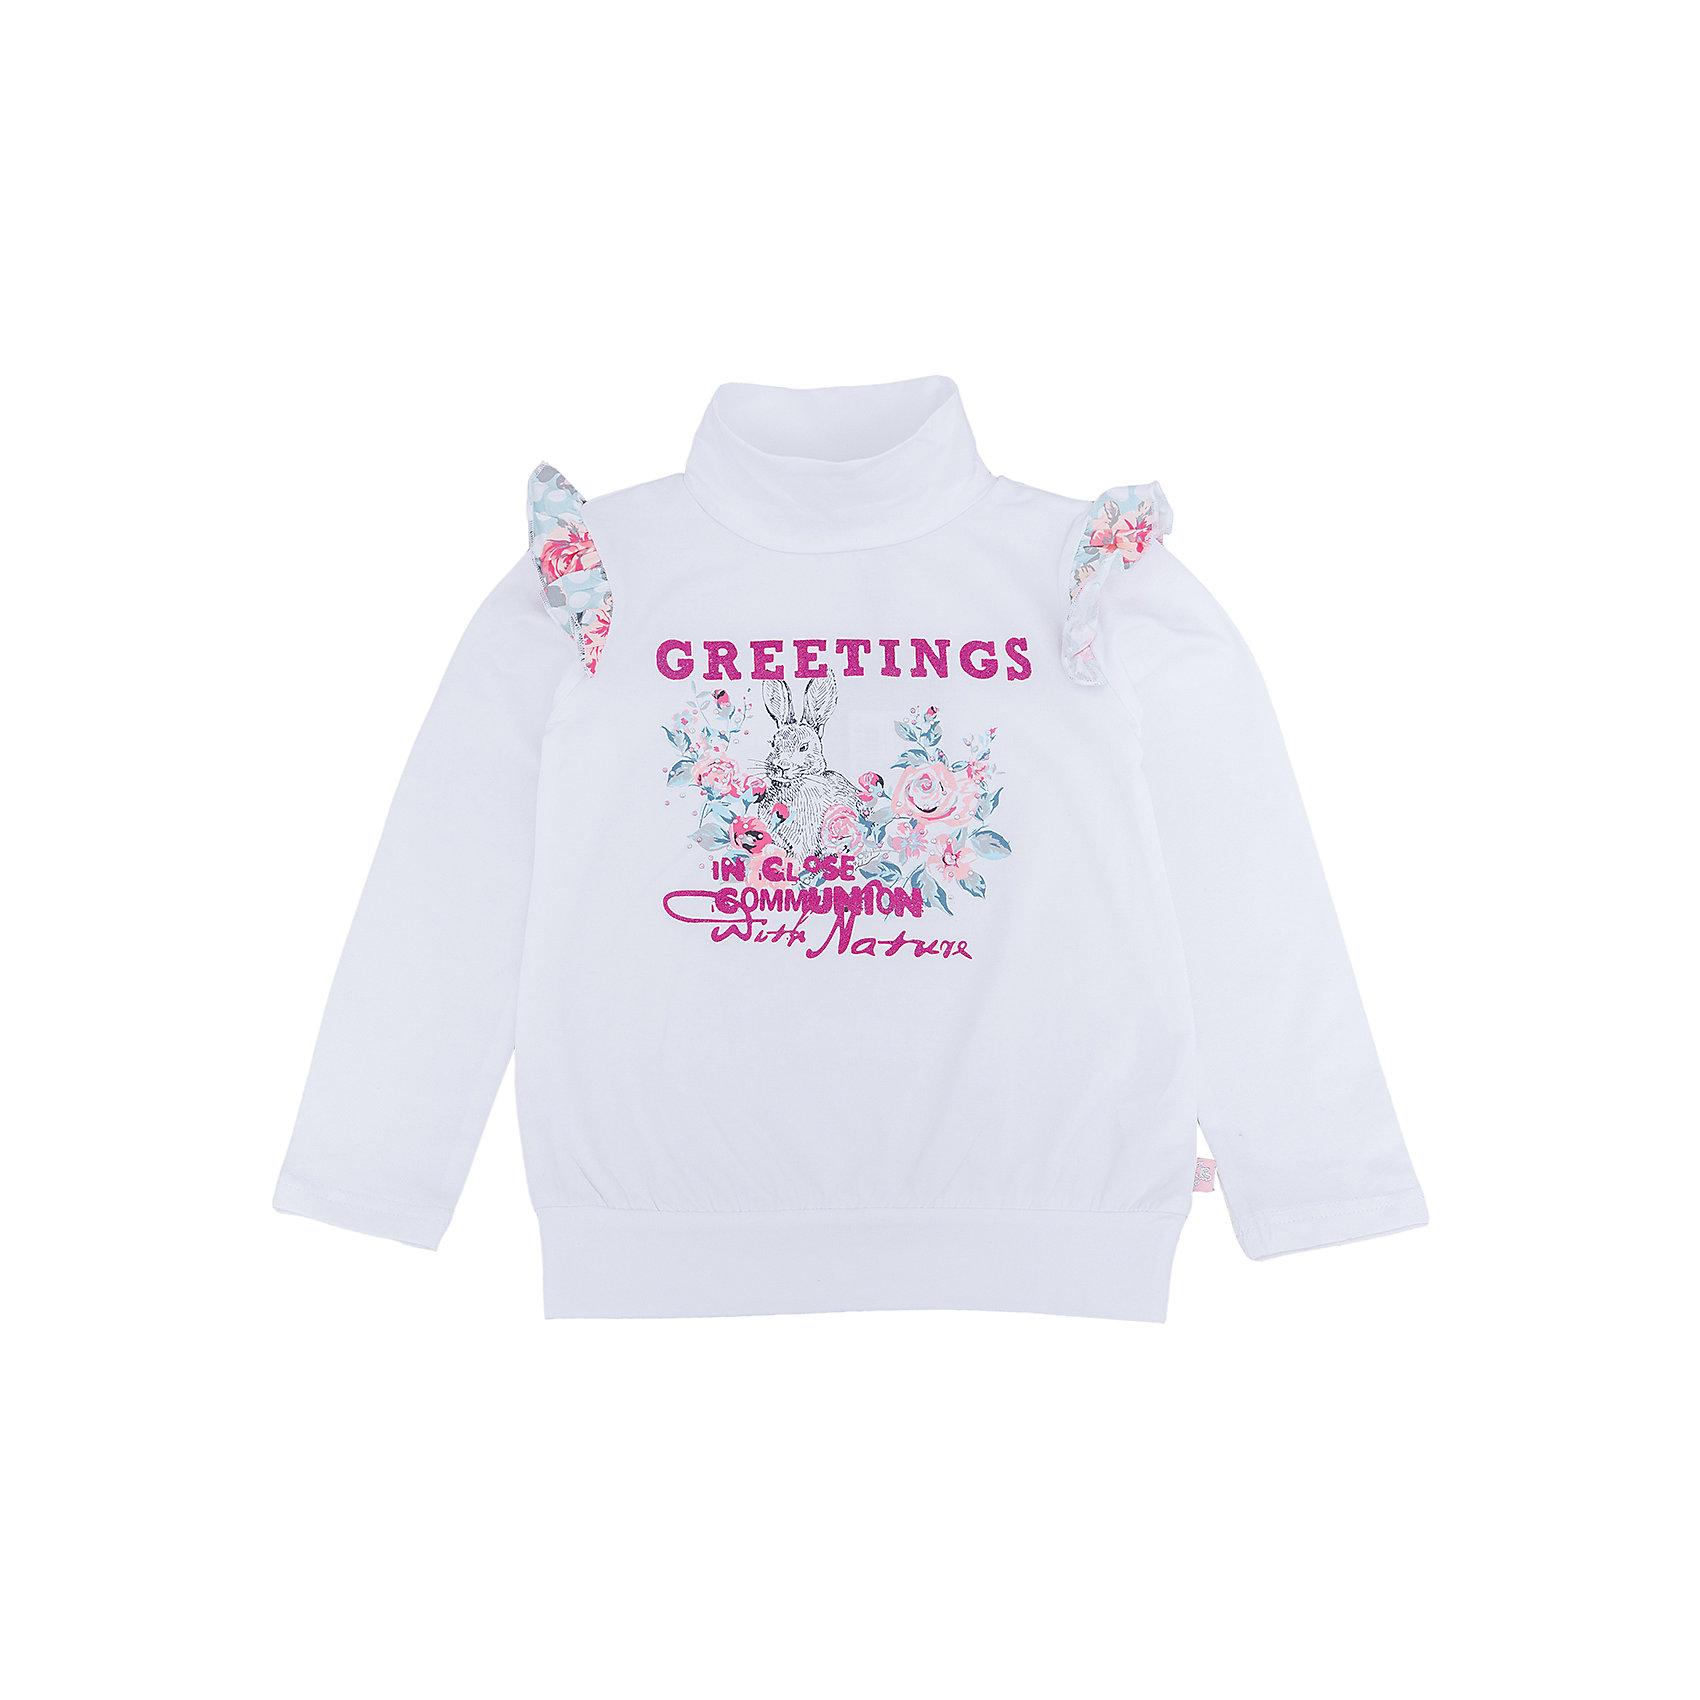 Водолазка для девочки Sweet BerryВодолазки<br>Водолазка – стильная и удобная вещь, которая способна одновременно создать стильный образ и защитить от осенних холодов маленького ребенка. Воланы на рукавах контрастного материала – особенность модели из новой коллекции. Насыщенный цвет, не теряющий сочность со временем, приятная к телу ткань и модный принт образуют уникальную футболку для девочки. Универсальный крой поможет создать множество образов. Материалы, использованные при изготовлении одежды, полностью безопасны для детей и отвечают всем требованиям по качеству продукции данной категории.<br><br>Дополнительная информация: <br><br>воланы на плечах;<br>модный принт;<br>прямой силуэт;<br>цвет: белый;<br>материал: хлопок 95%, эластан 5%.<br><br>Водолазку для девочки от компании Sweet Berry можно приобрести в нашем магазине.<br><br>Ширина мм: 230<br>Глубина мм: 40<br>Высота мм: 220<br>Вес г: 250<br>Цвет: белый<br>Возраст от месяцев: 84<br>Возраст до месяцев: 96<br>Пол: Женский<br>Возраст: Детский<br>Размер: 128,98,104,110,116,122<br>SKU: 4931876